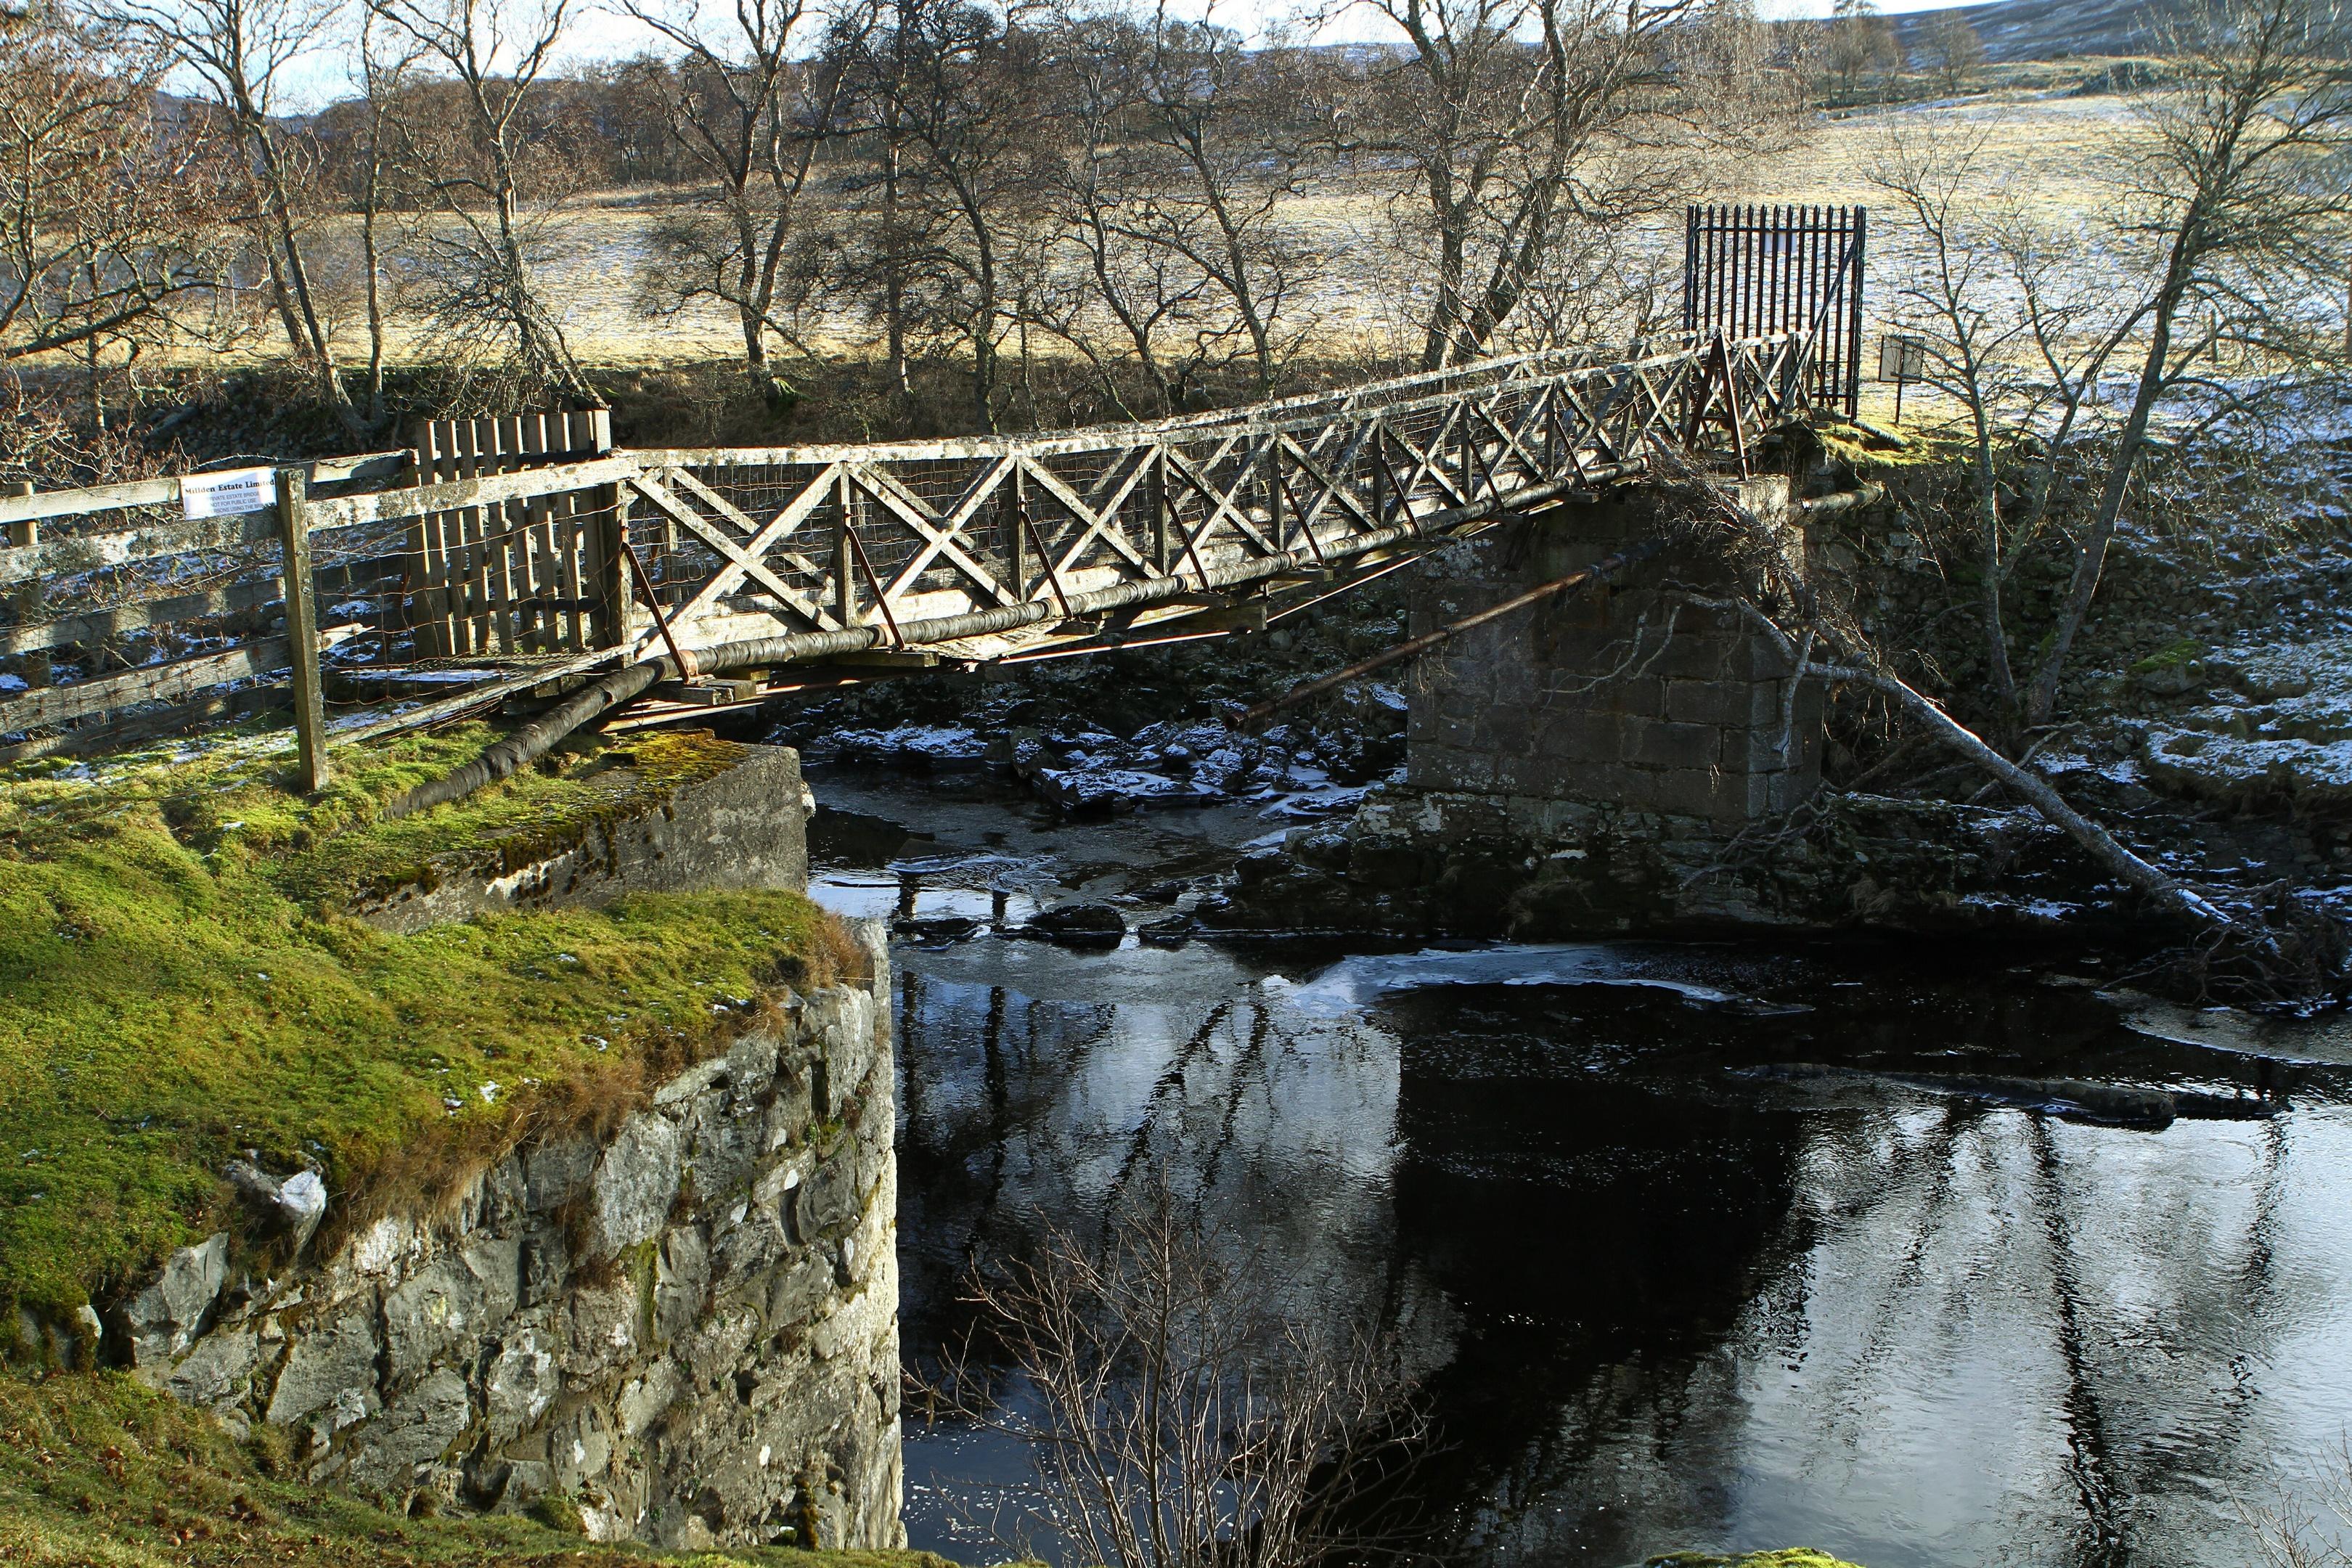 Buskhead Bridge at Tarfside